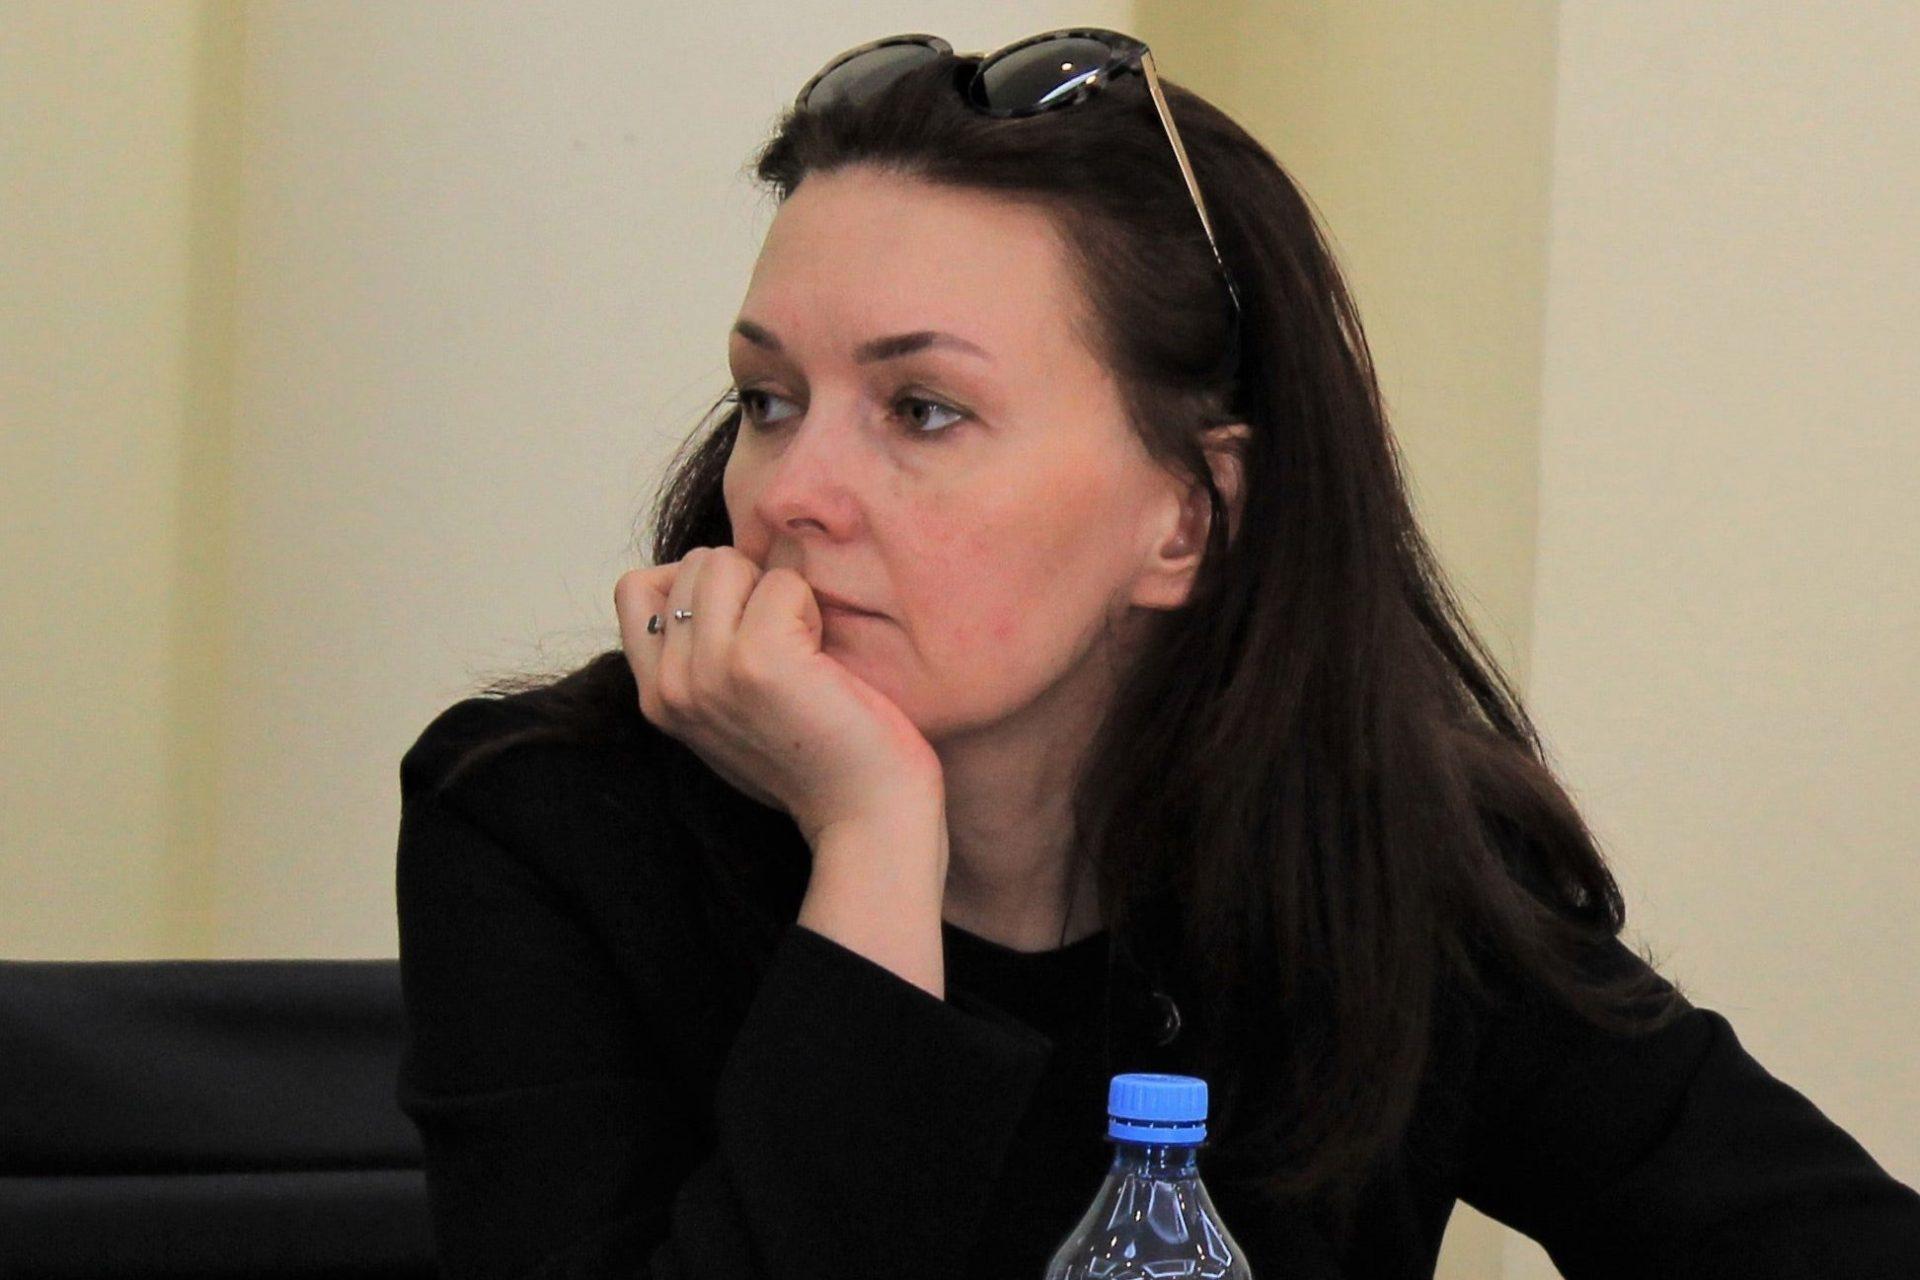 Un alt opozant al lui Lukașenko a fost reținut. Acuzațiile nu sunt cunoscute